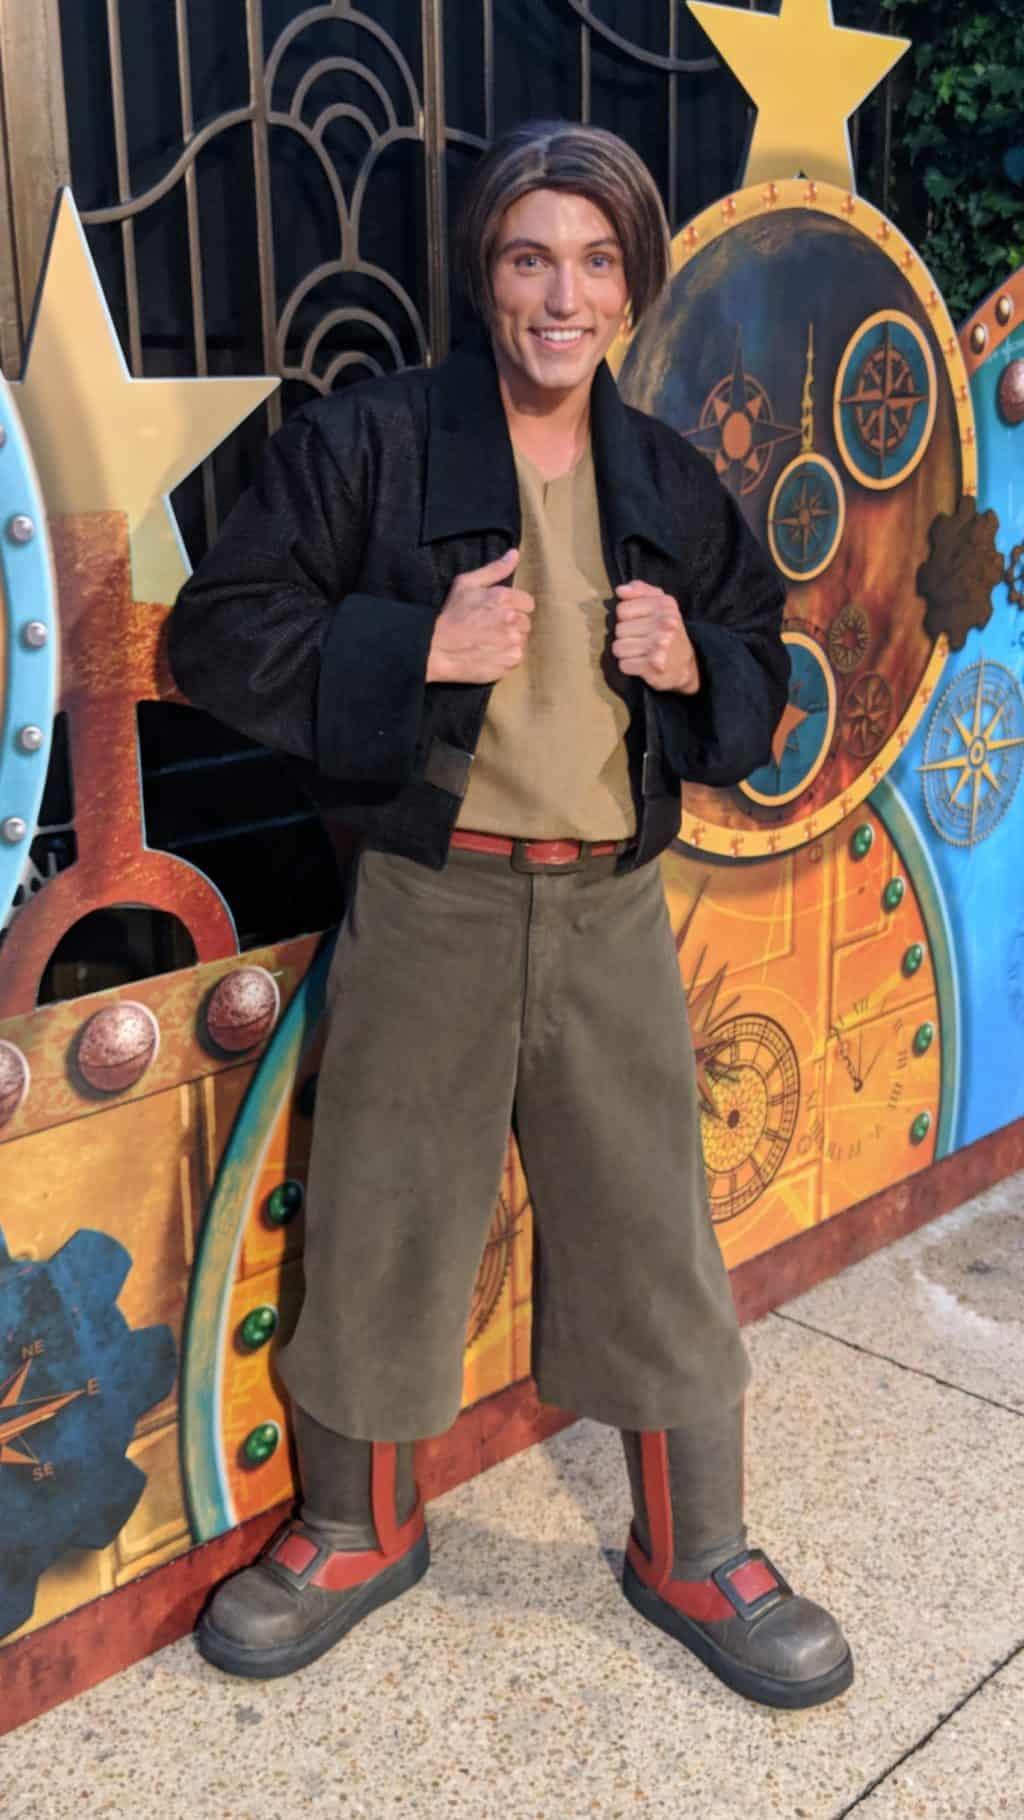 Jim-Hawkins-from-Treasure-Planet-at-Fandaze-in-Disneyland-Paris-2018.jpg